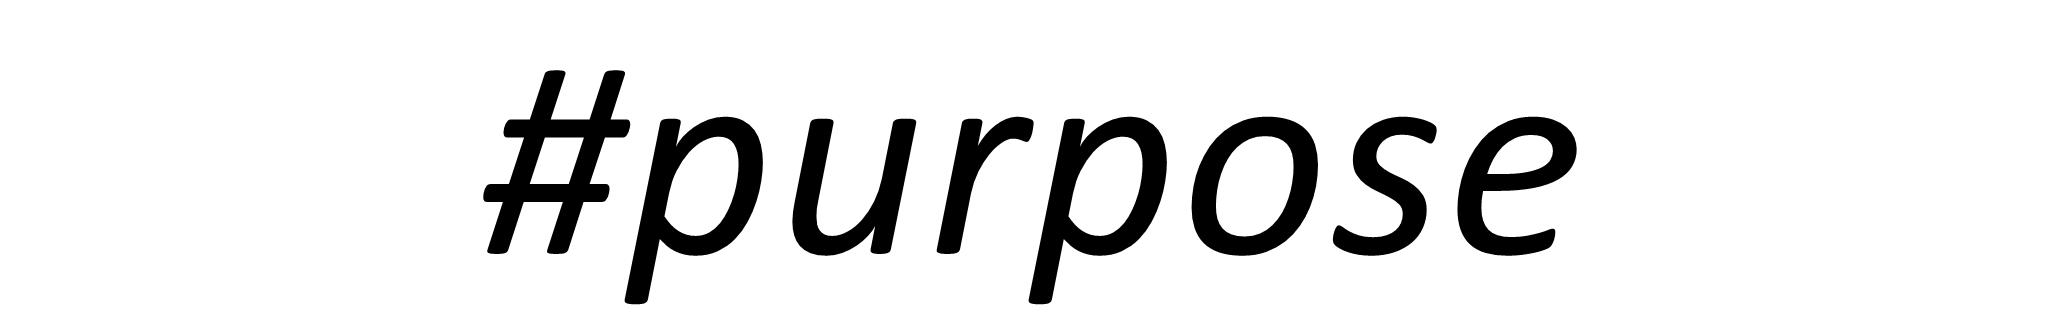 purpose large.png